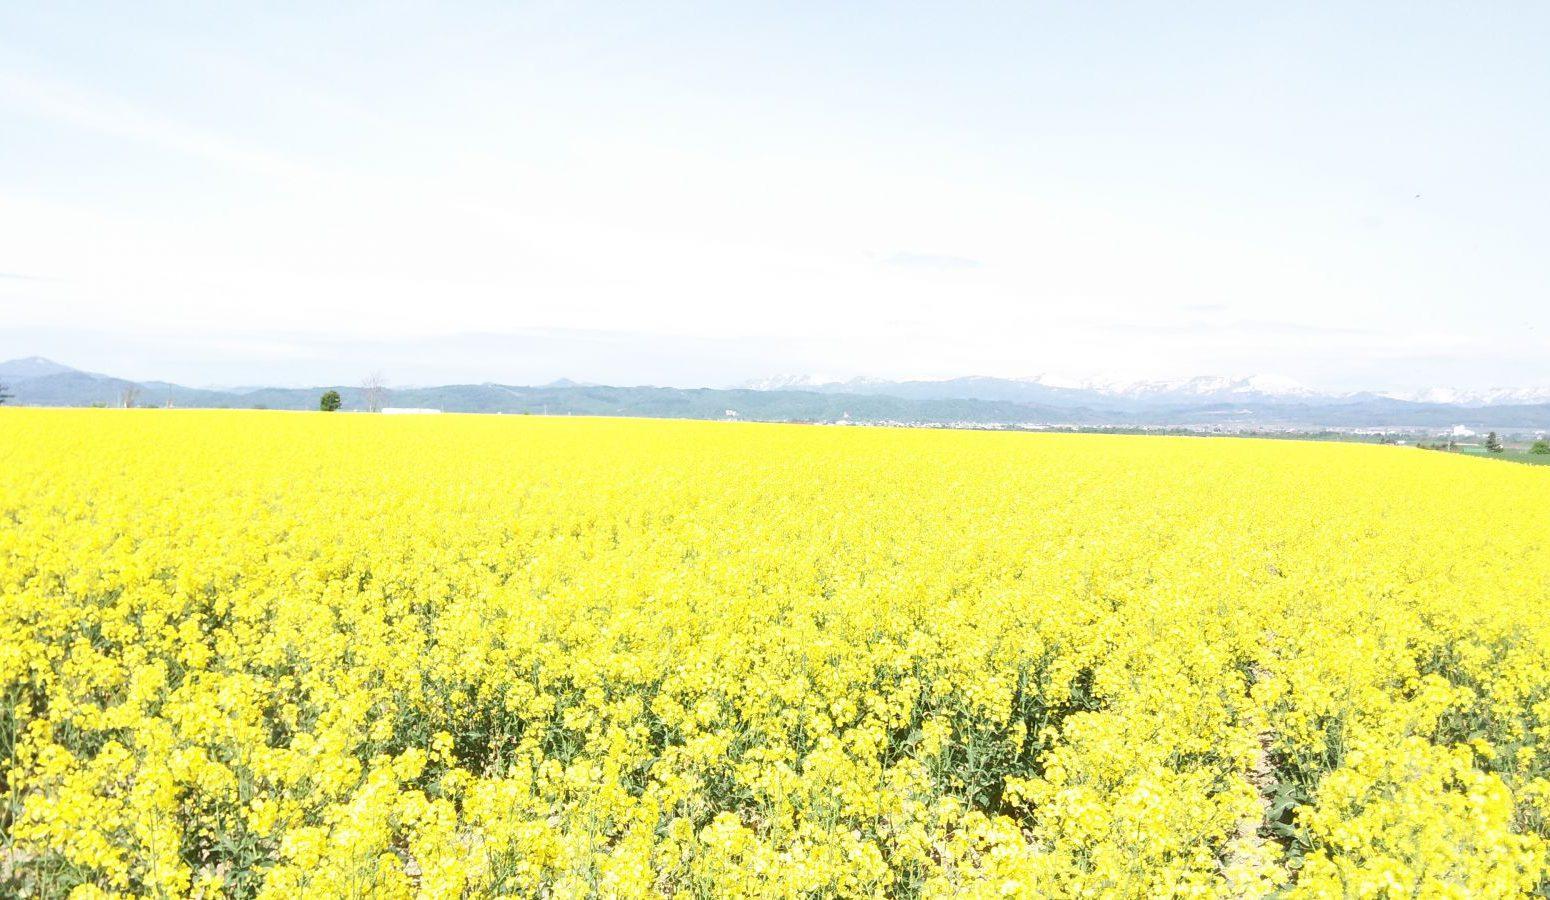 滝川市丸加高原周辺の菜の花畑です。